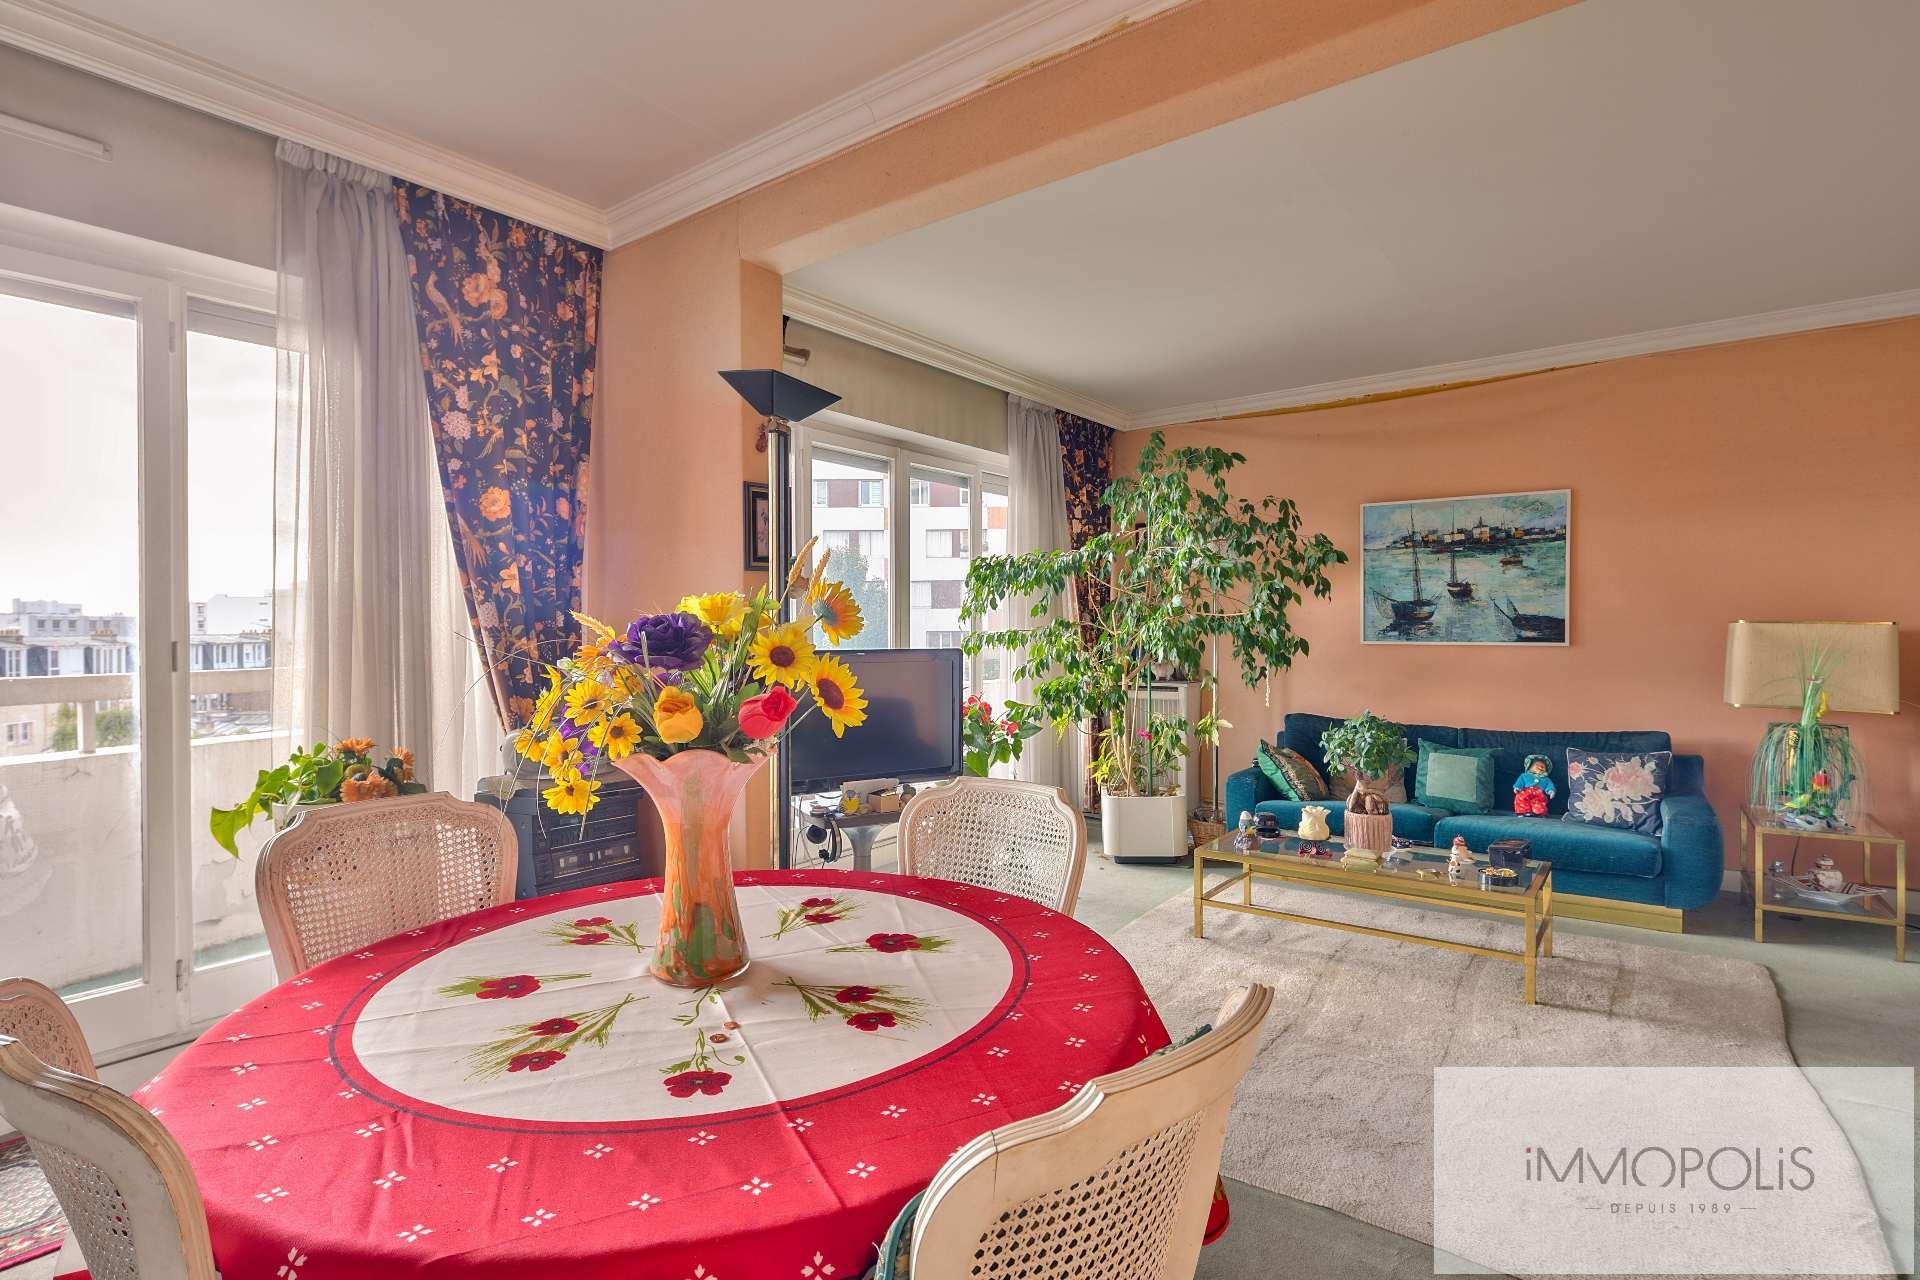 4 pièces avec balcon terrasse et vue dégagée sur jardins et la Tour Eiffel : vendu occupé par usufruitière de 90 ans 2